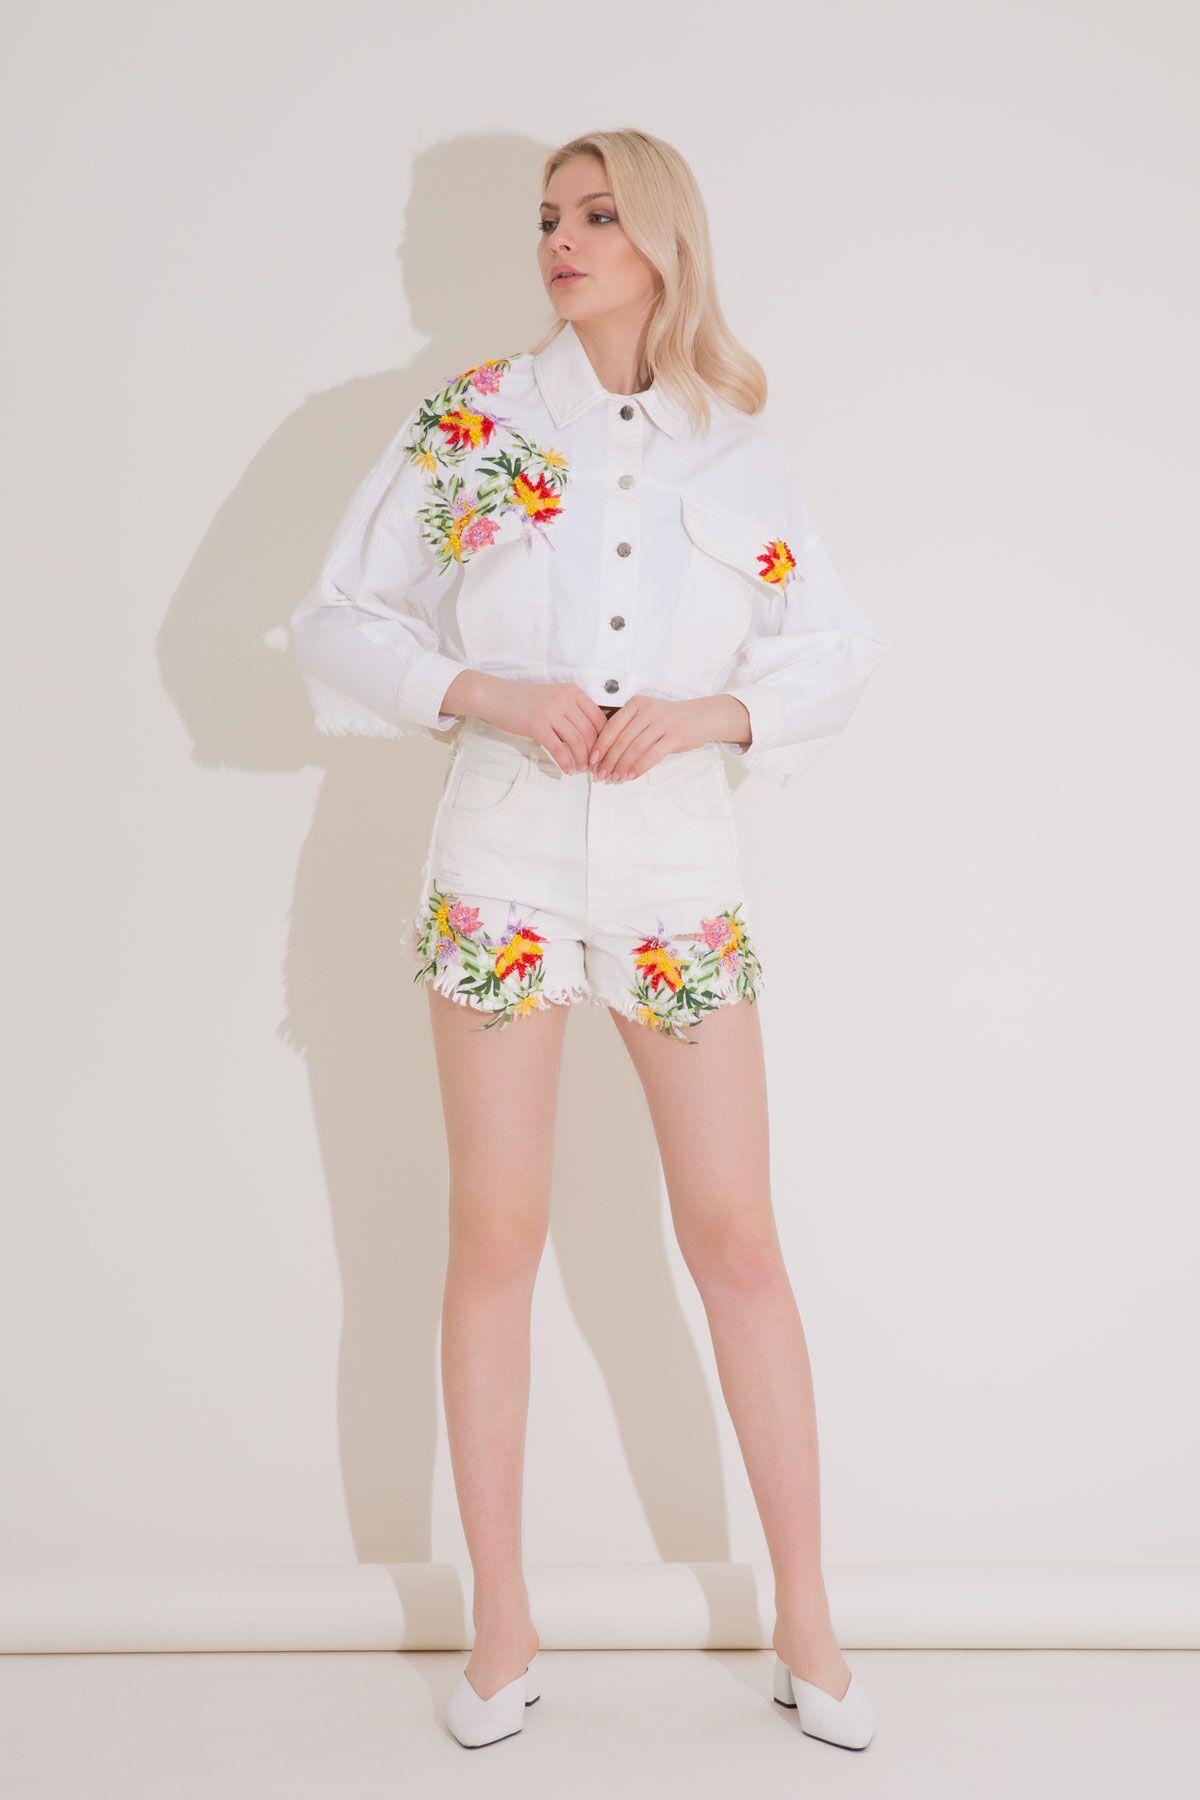 Çiçek Nakış Detaylı Beyaz Mini Jean Şort